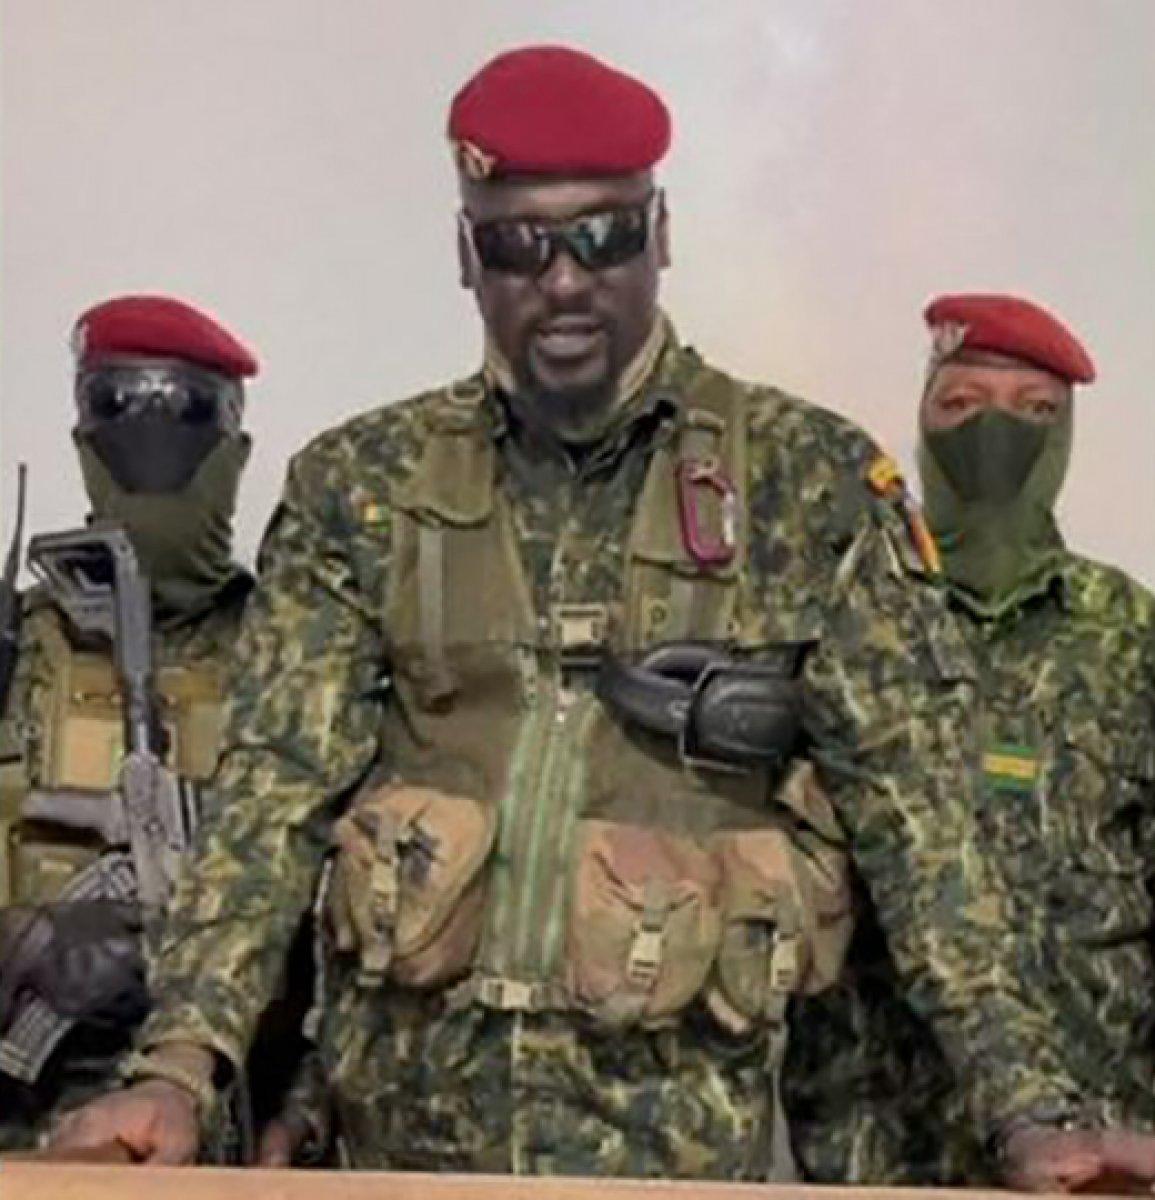 Gine de darbeci komutan Mamady Doumbouya nın dikkat çeken geçmişi #1